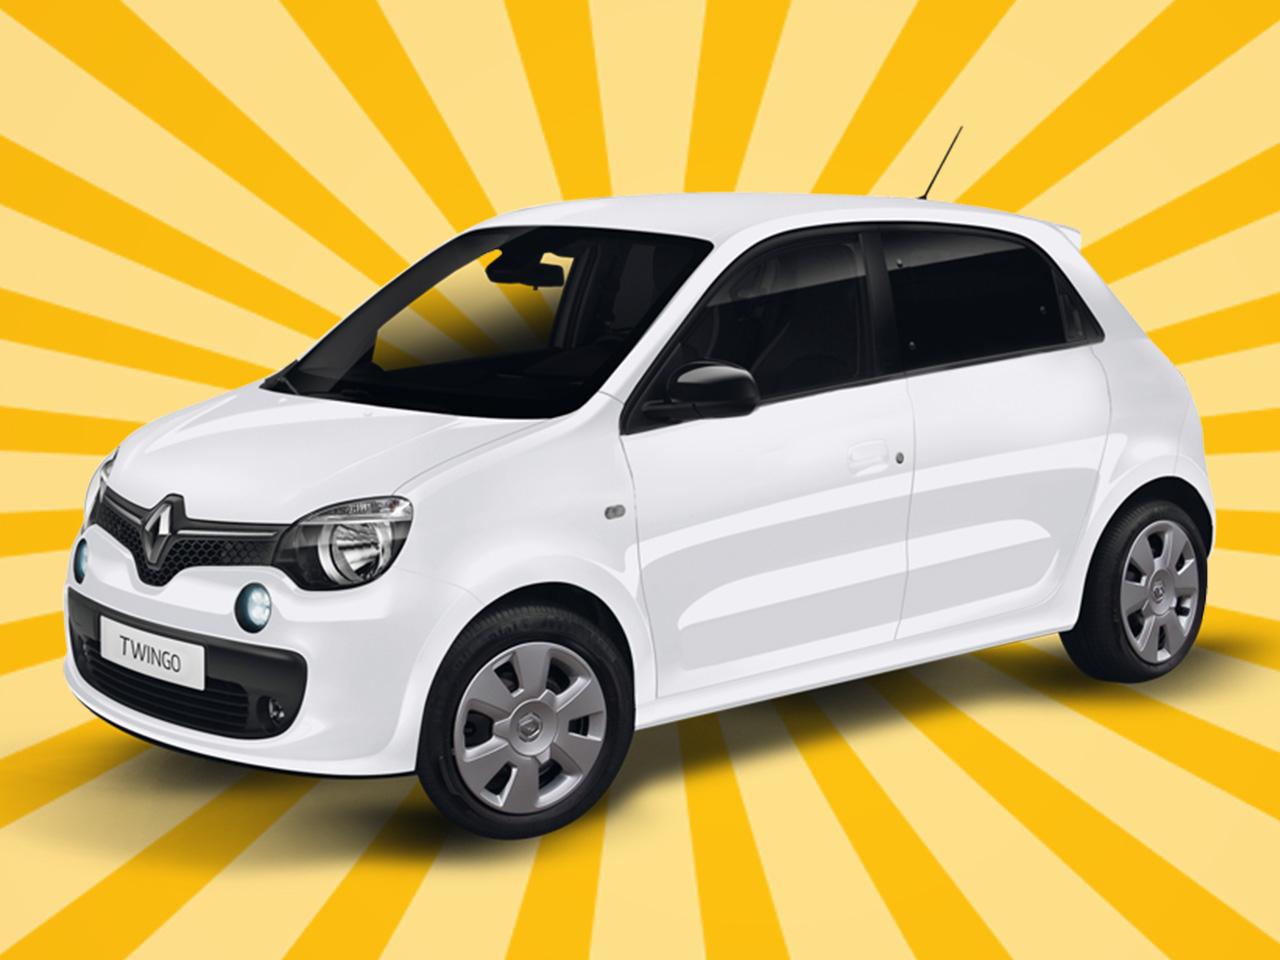 [Gewerbeleasing] Renault Twingo Limited SCe 75PS Benzin Start&Stopp Testleasing für 39€ netto ohne weitere Kosten |12 Monate | 10.000 km